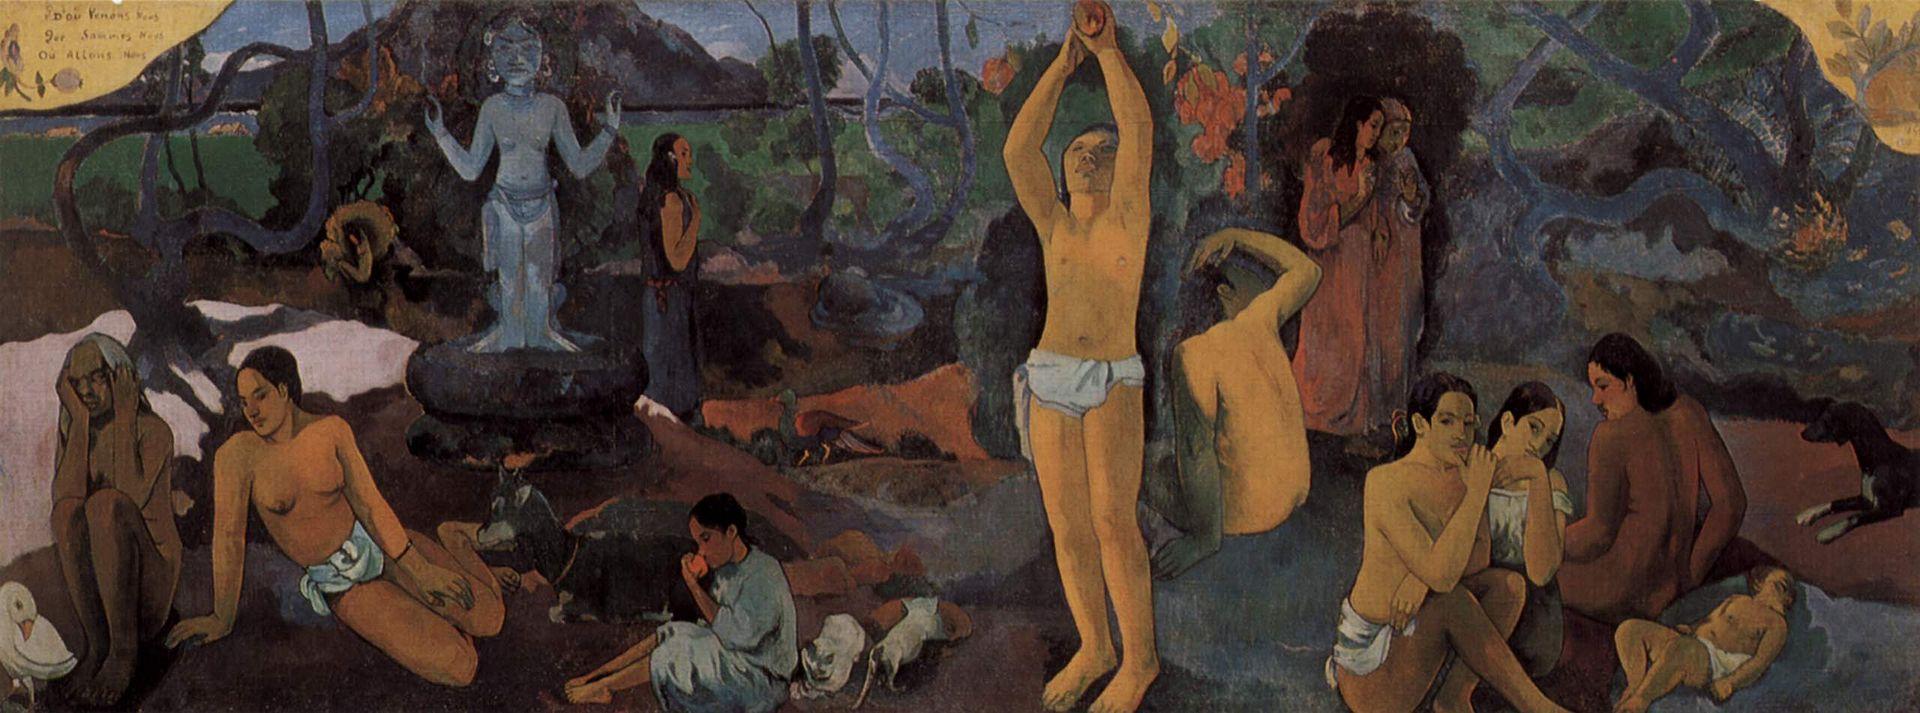 De Dónde venimosQuiénes somosAdónde vamos 1897. Paul Gauguin. Paul Gauguin